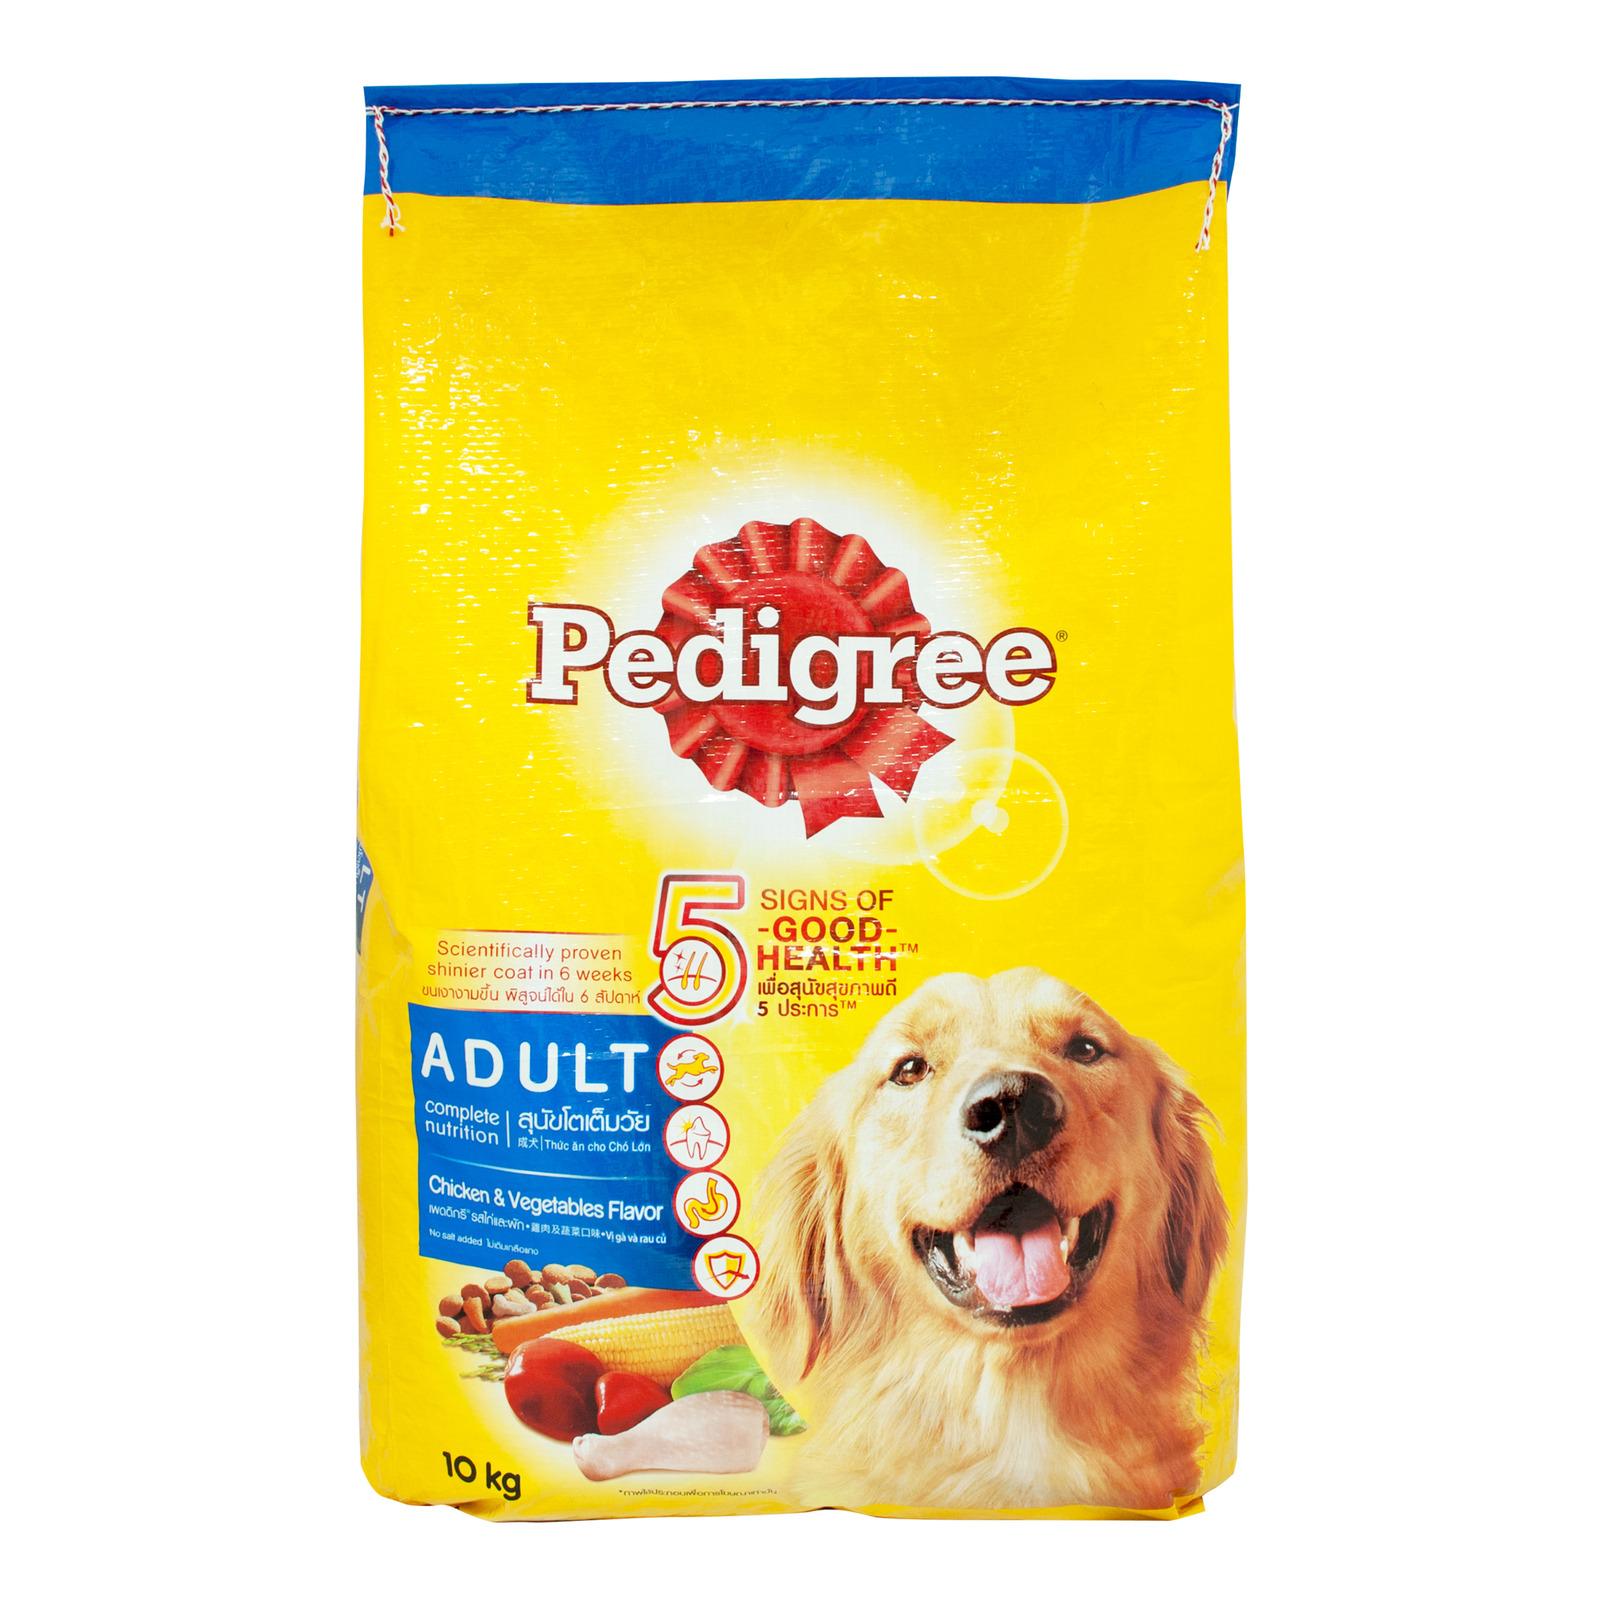 Pedigree Adult Dog Dry Food - Chicken & Vegetables